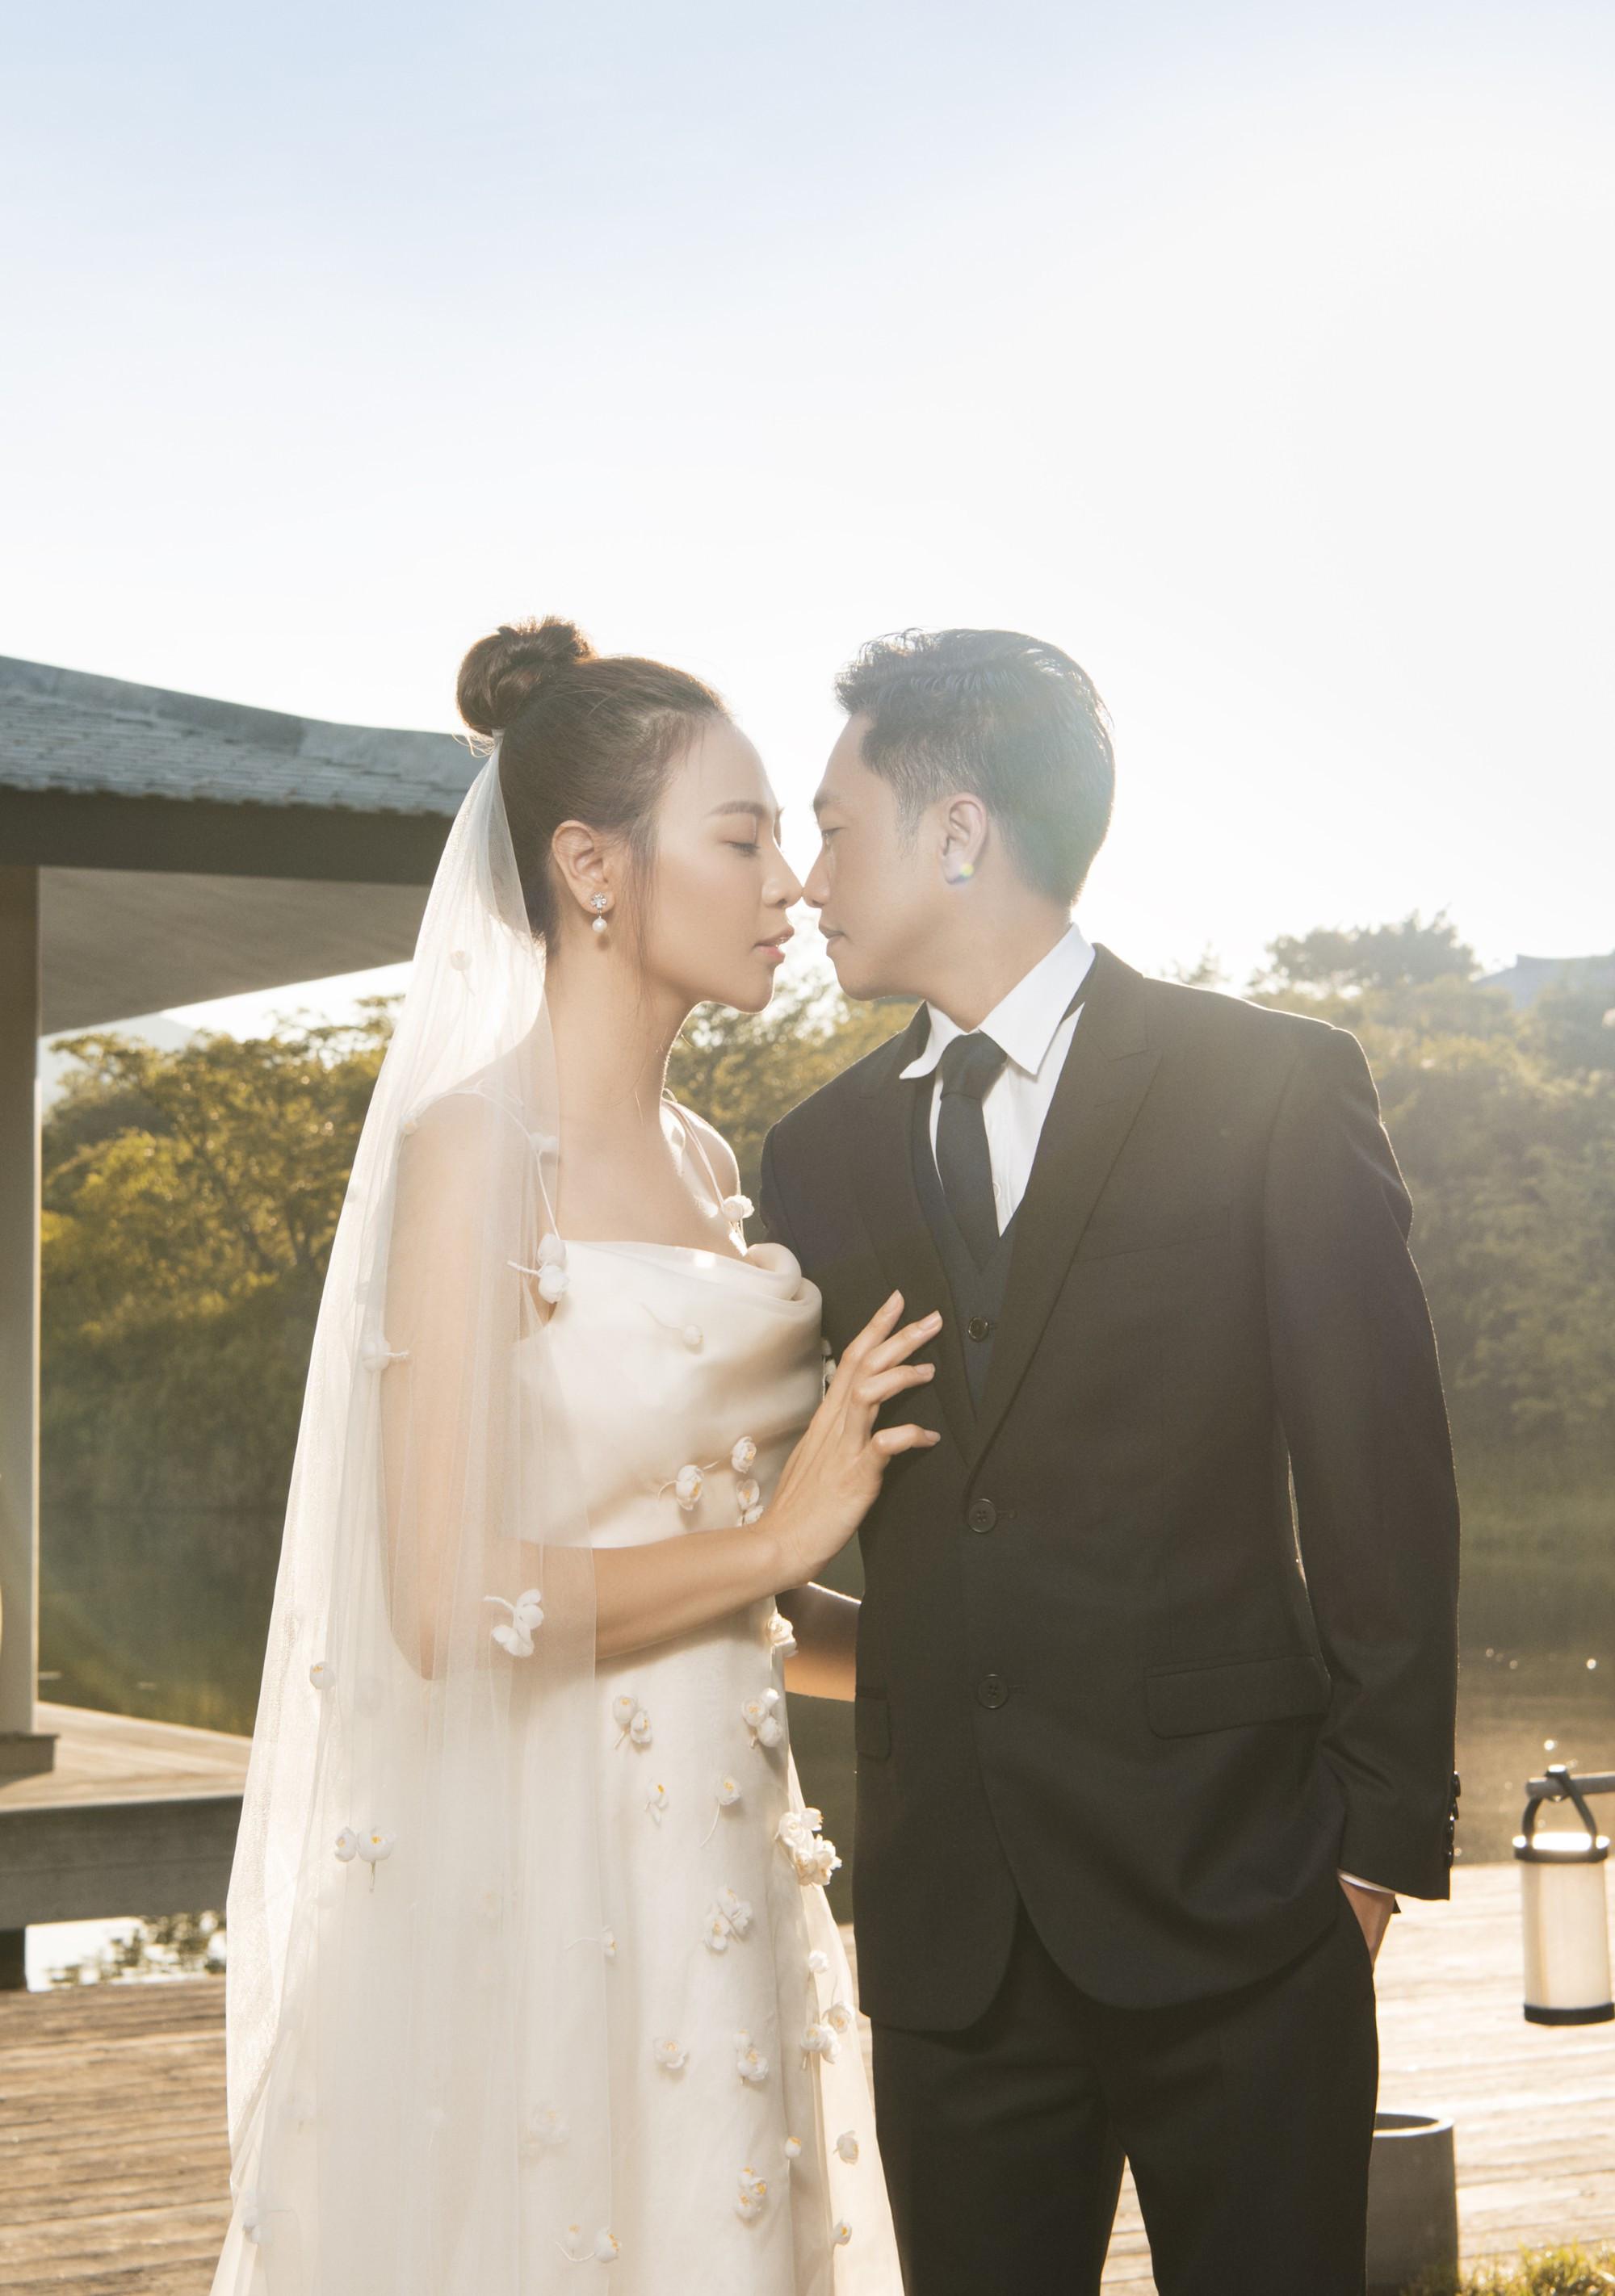 Bộ ảnh cưới Đàm Thu Trang và Cường Đô La trước ngày trọng đại quá ngọt ngào nhưng CĐM chú ý sự xuất hiện đặc biệt của Subeo